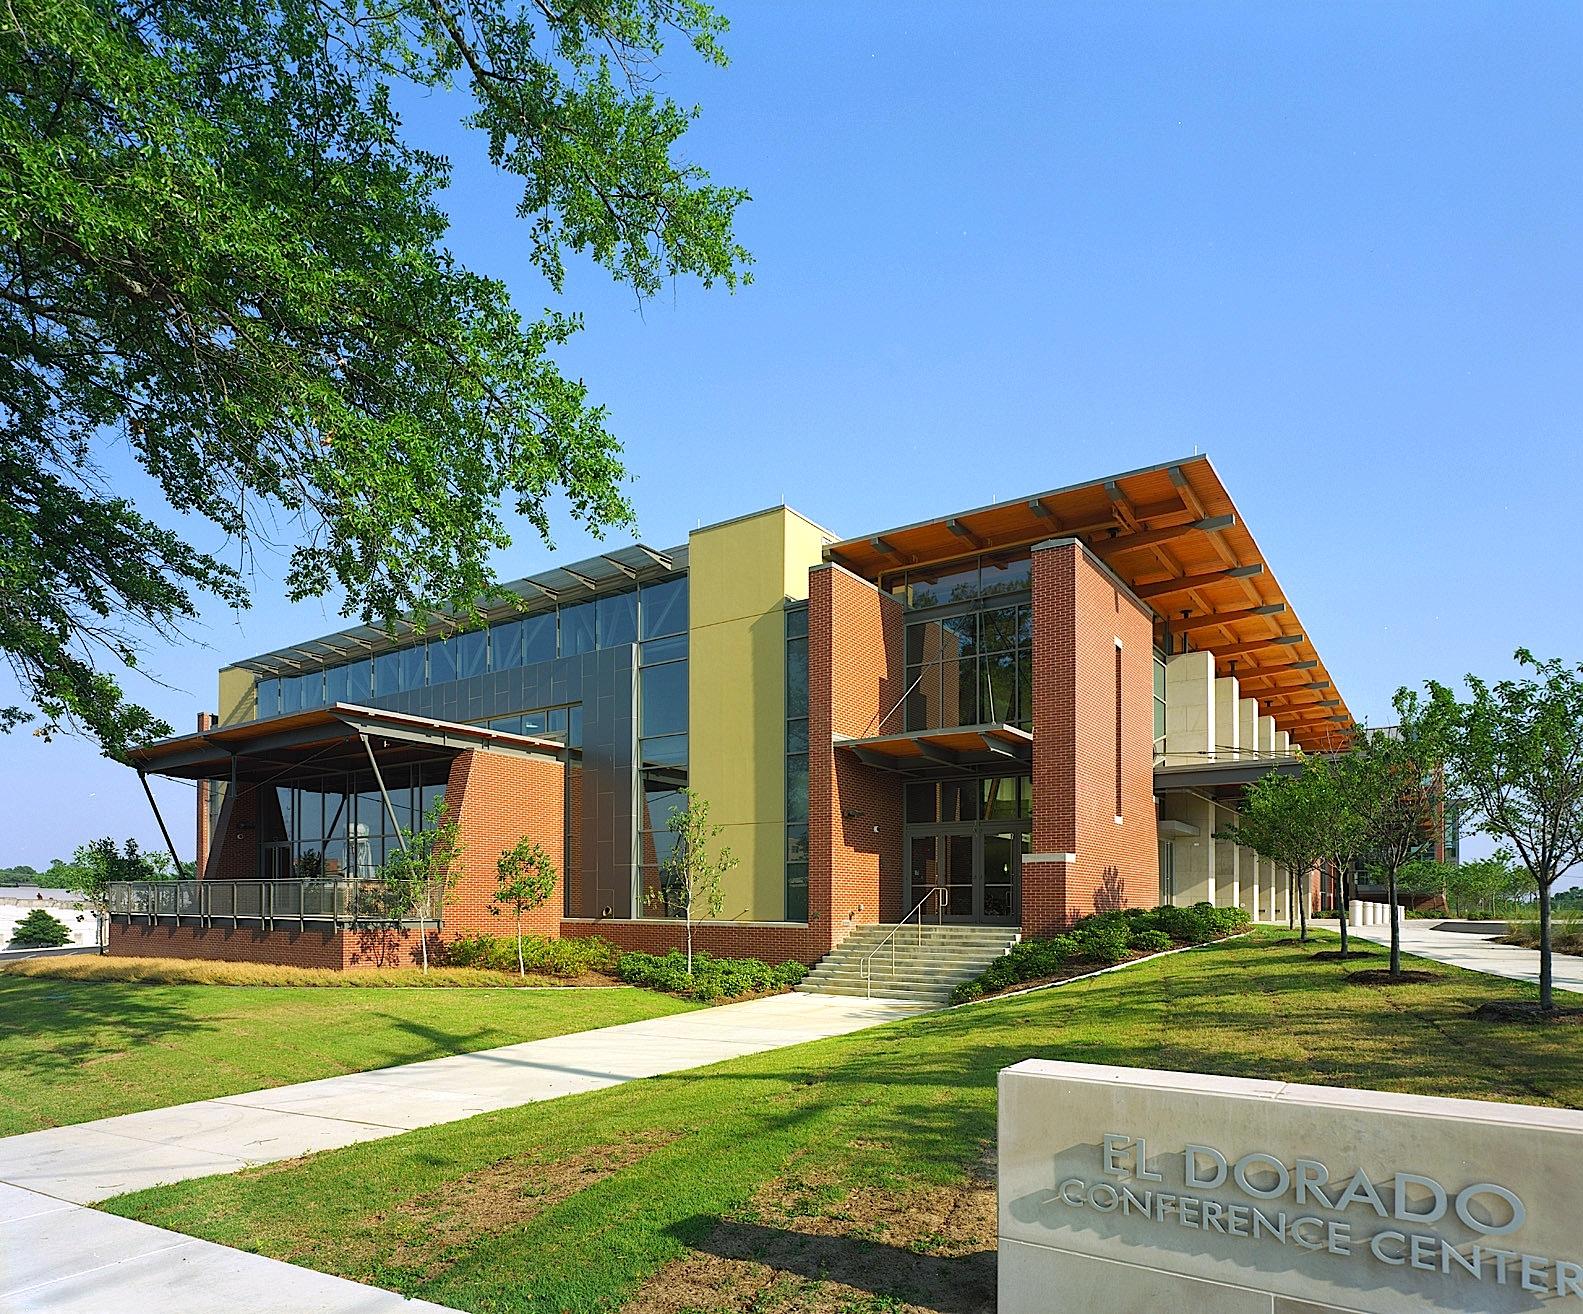 El Dorado Conference Center